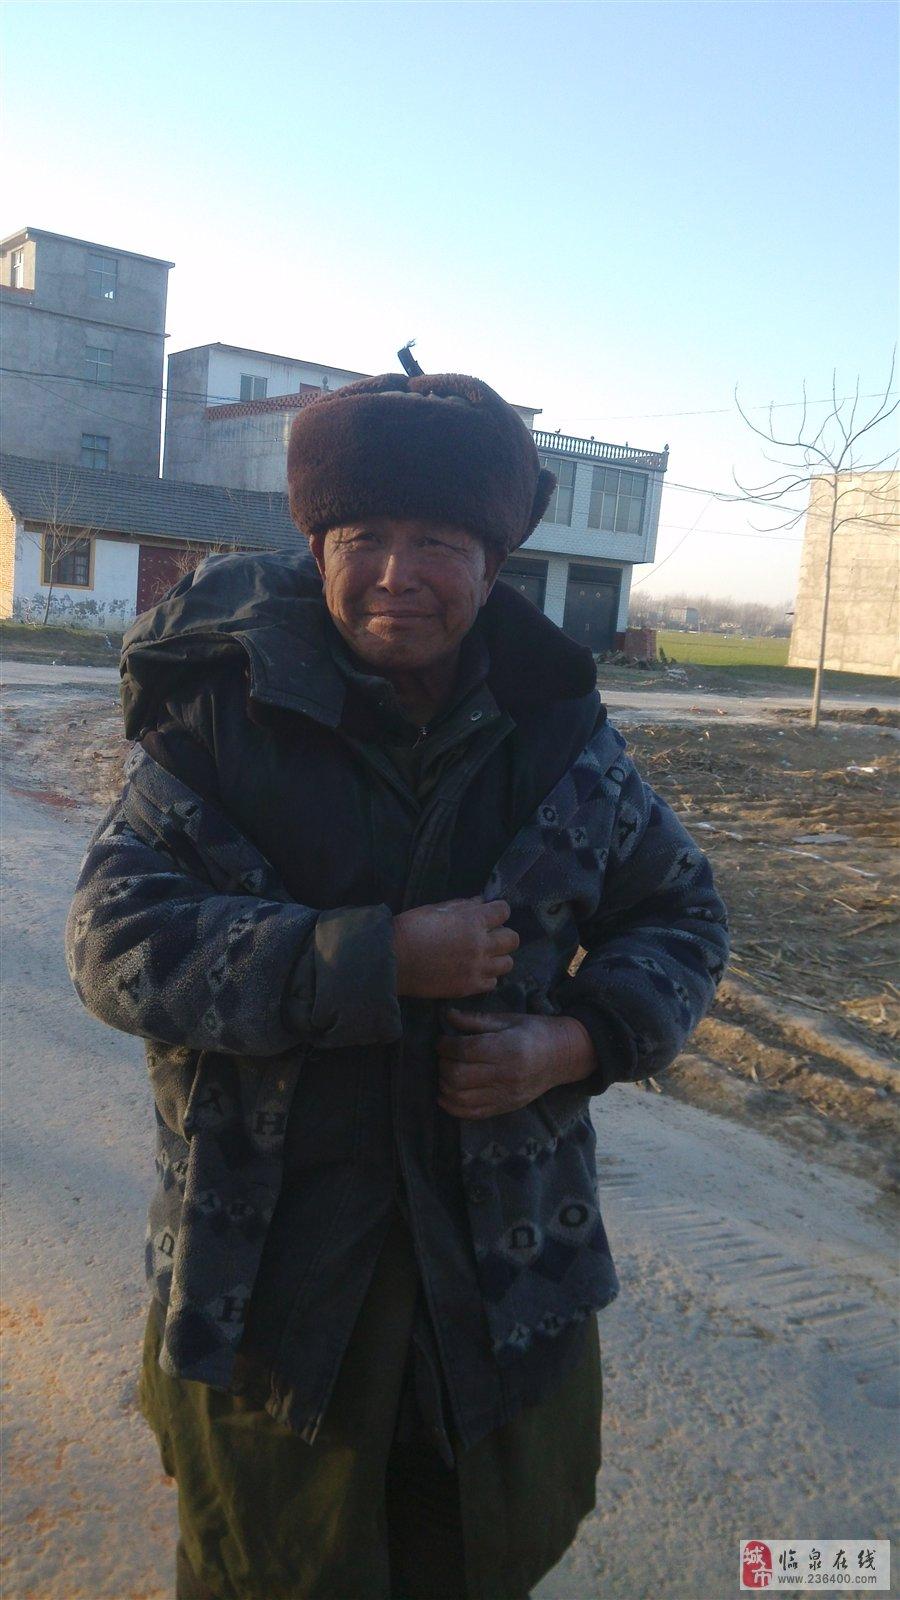 临泉聋哑老人流落村头,转发下让其早点回家过年.